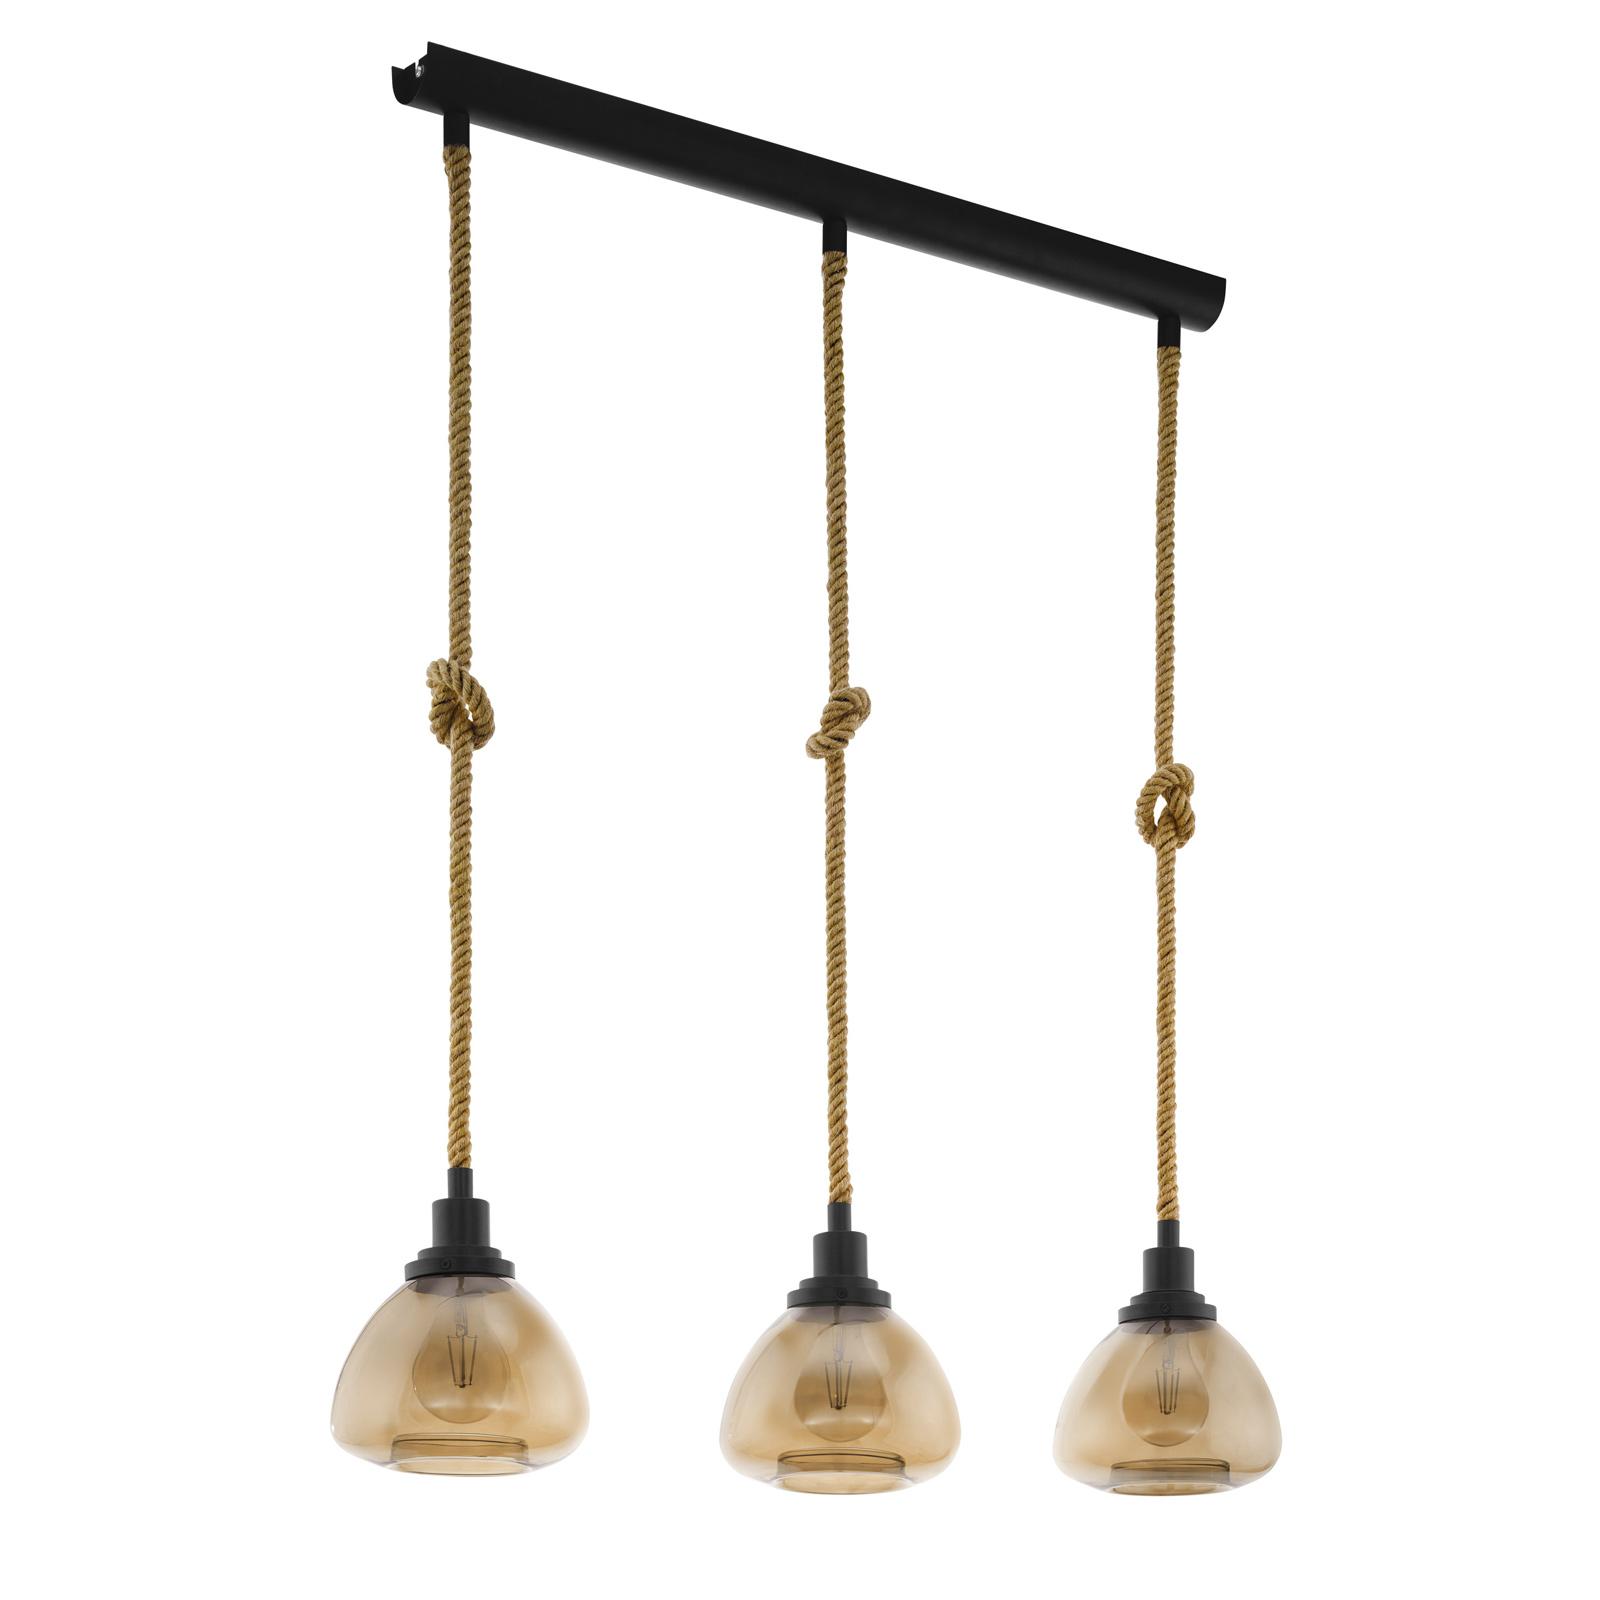 Lampa wisząca Rampside z 3 szklanymi kloszami